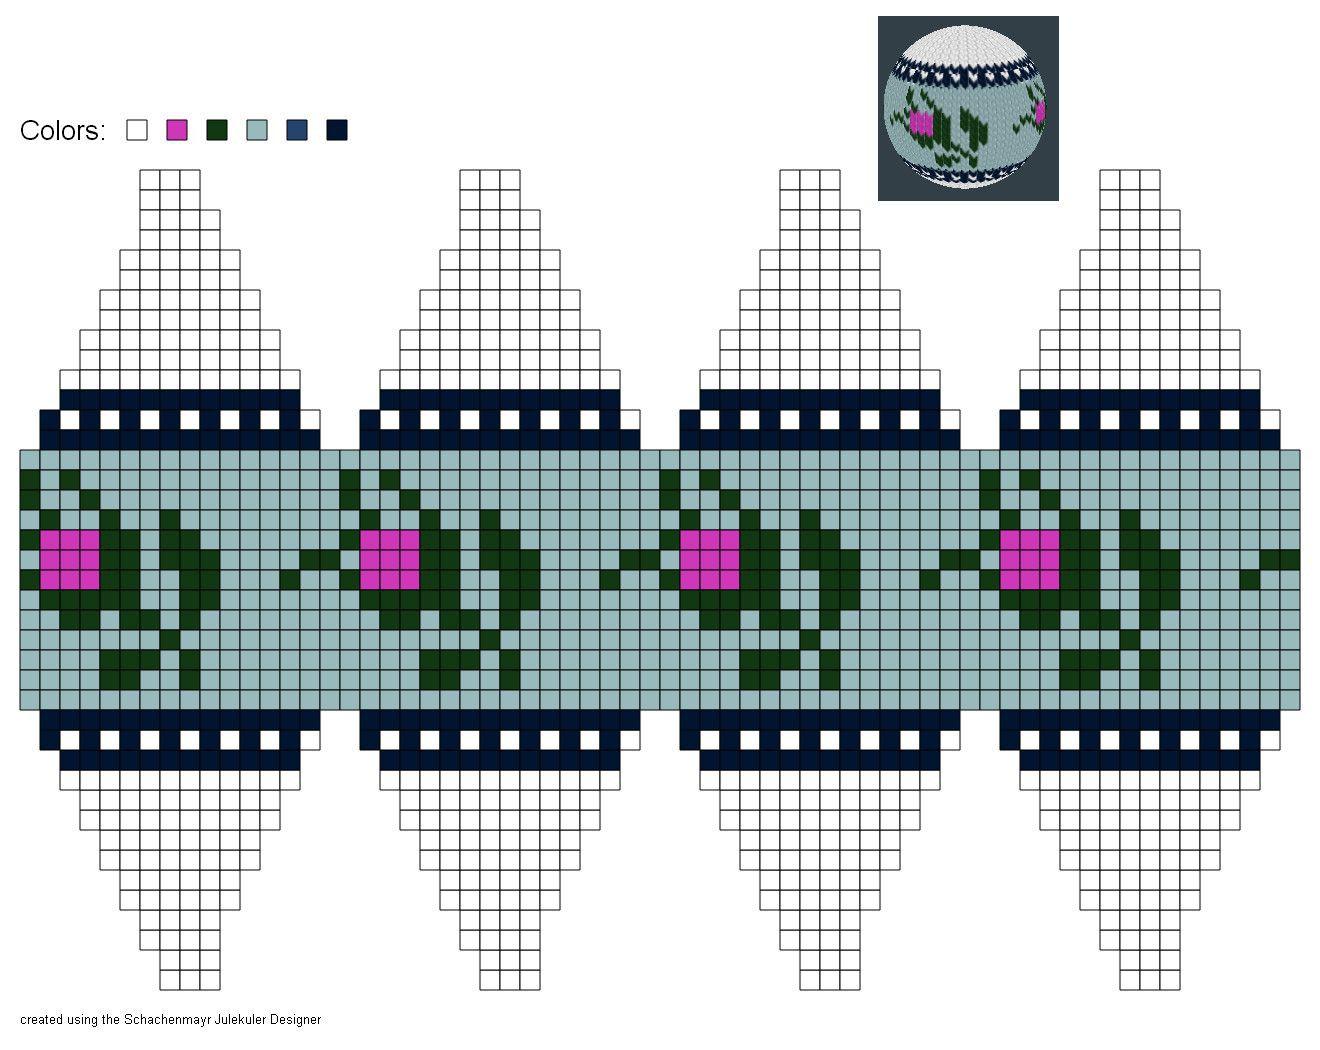 Christmas Knitted Ball, Julekuler Designer app | Kuulerid ...